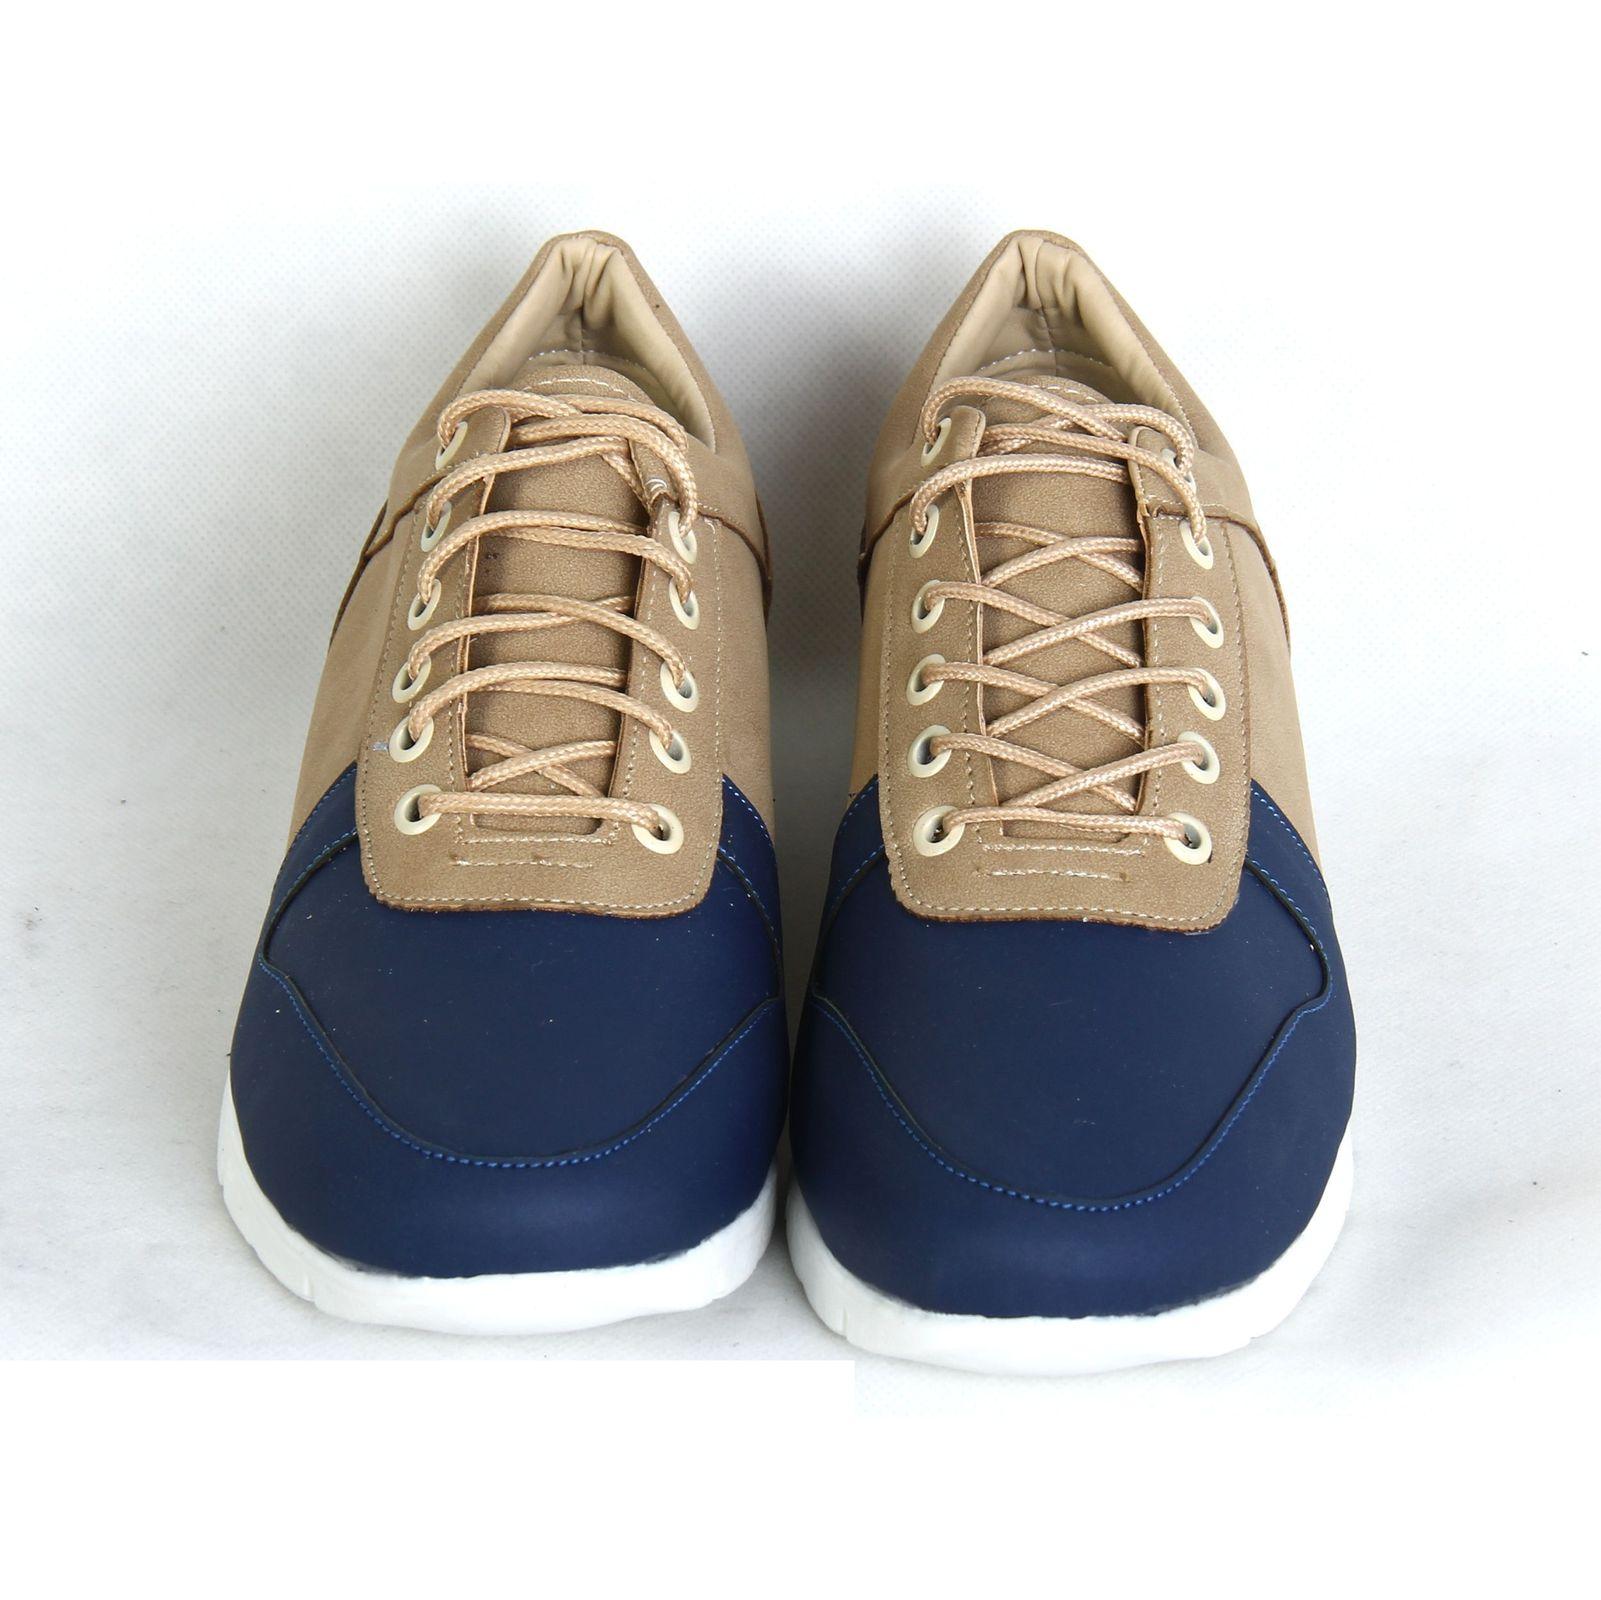 ست کیف و کفش زنانه کد 021 main 1 8